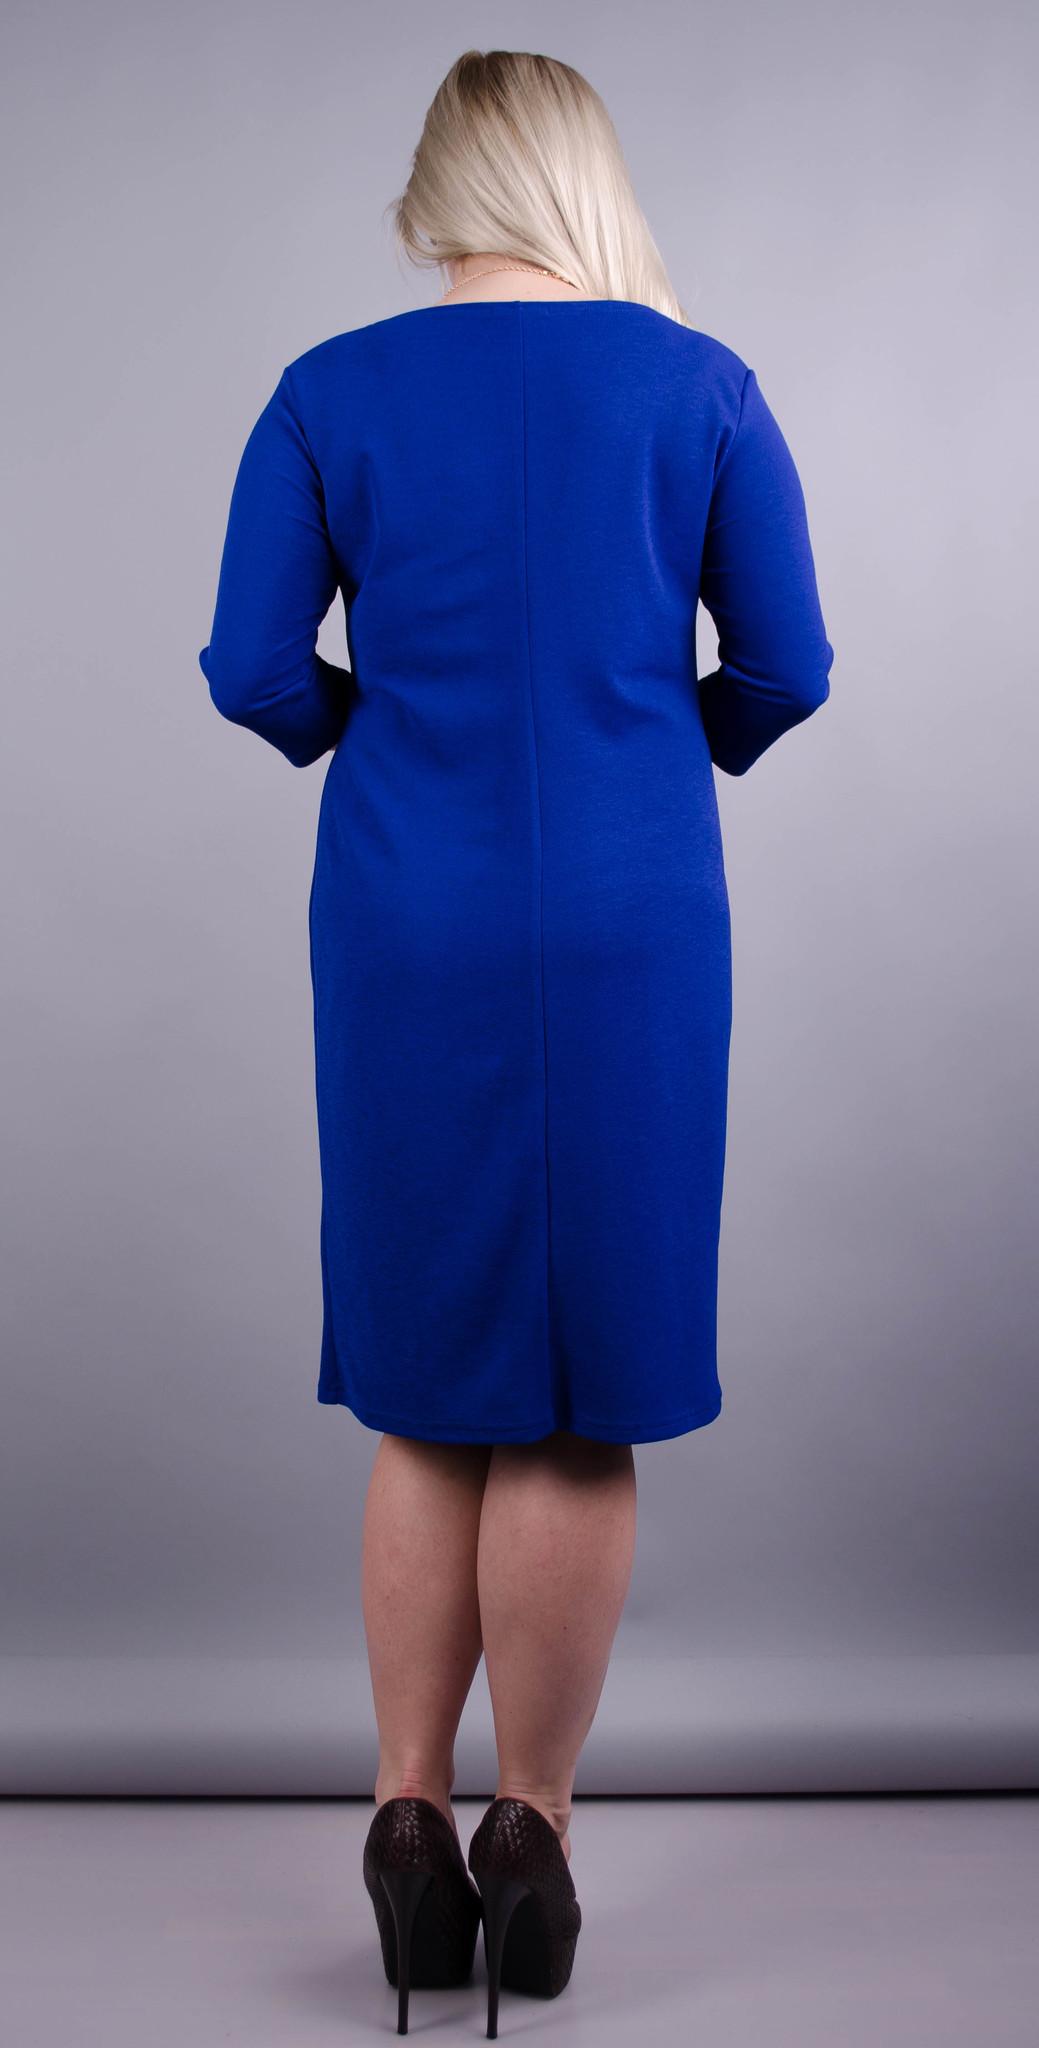 Арина. Платье больших размеров. Электрик. b3738f3d8f4ca